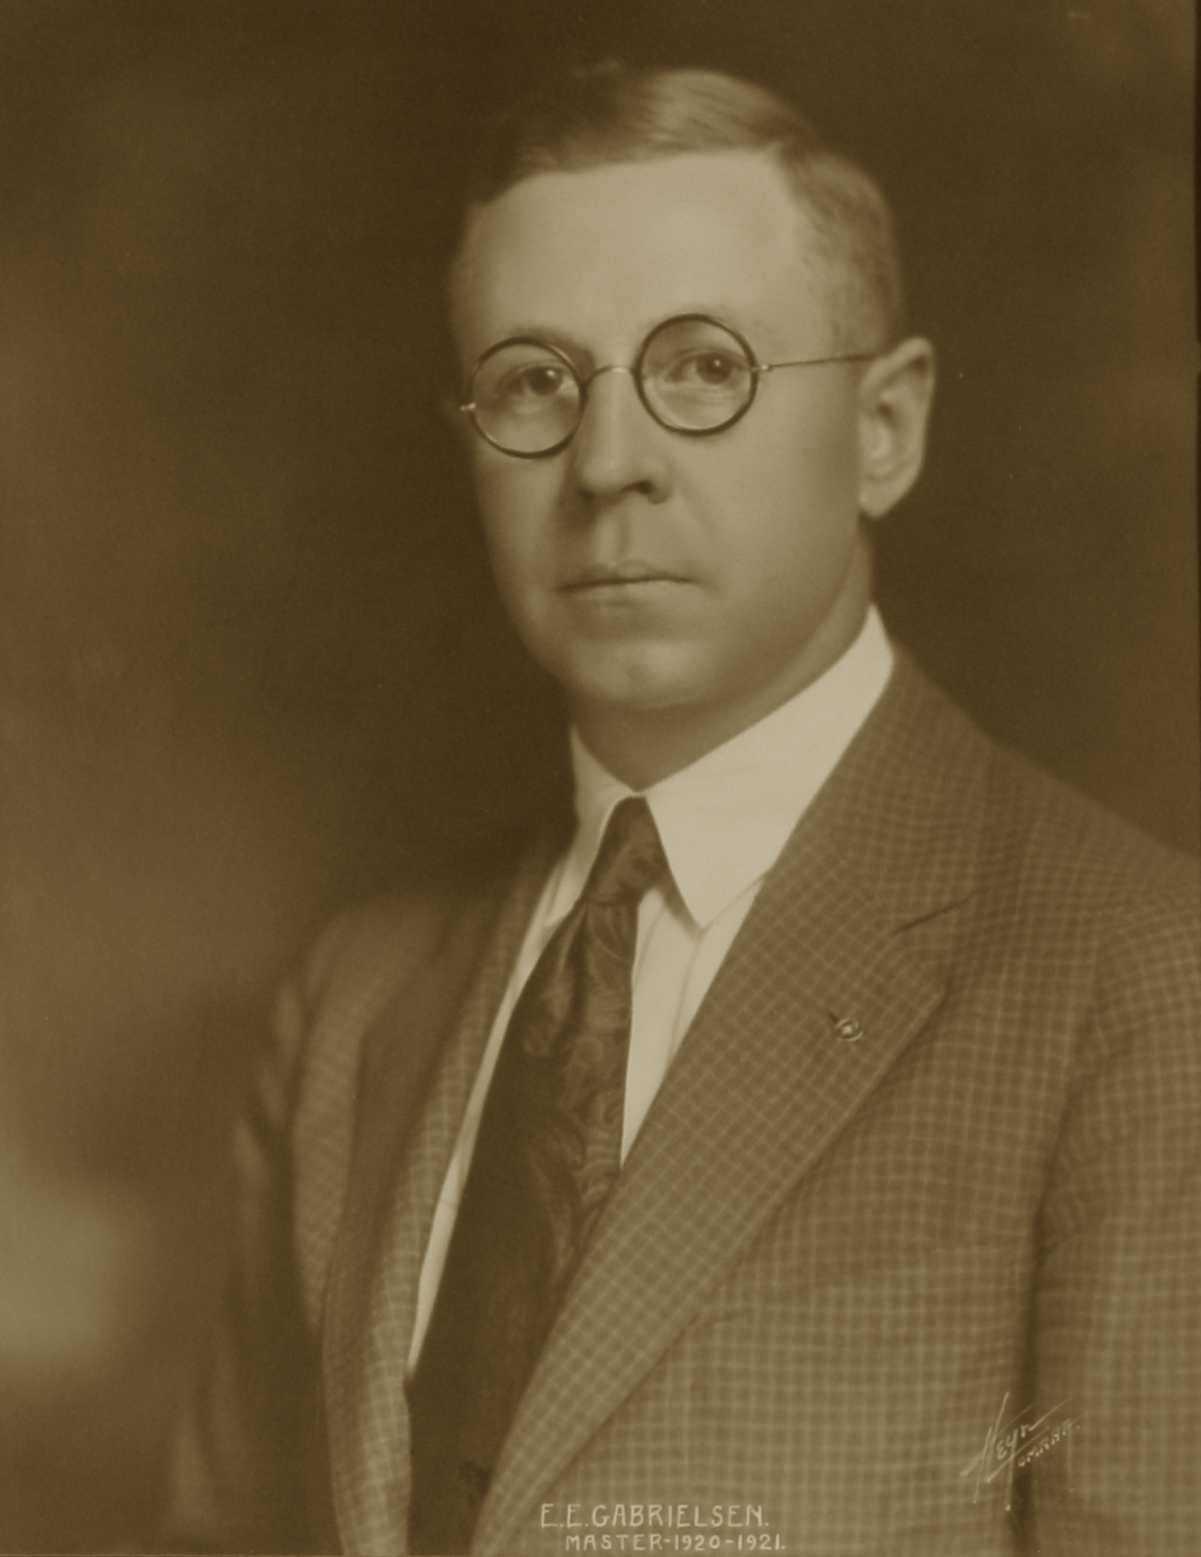 E. L. Gabrielsen, 1920-1921